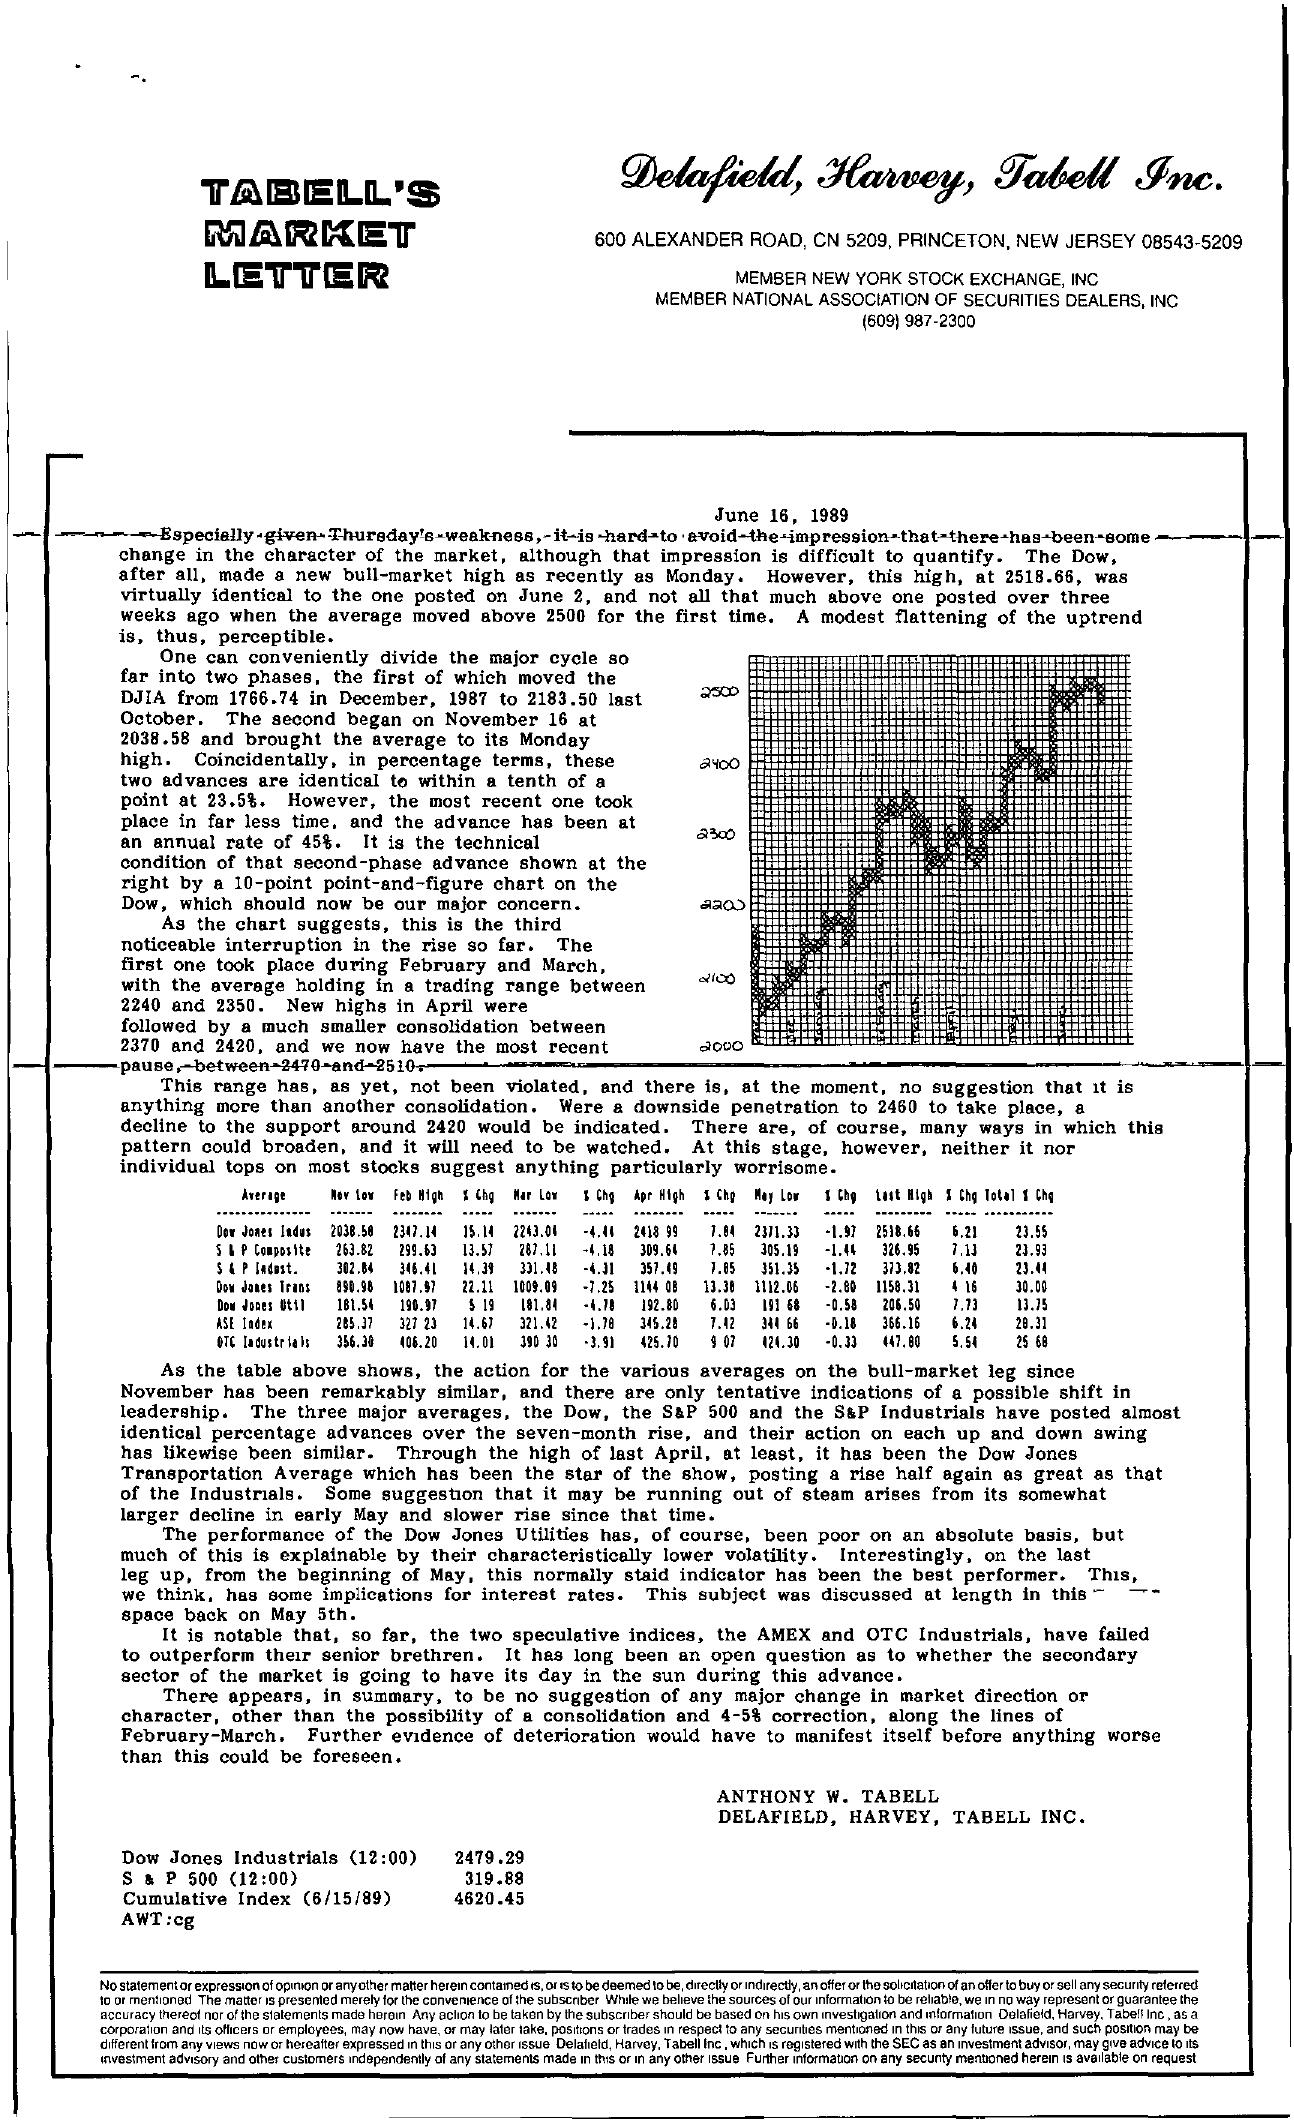 Tabell's Market Letter - June 16, 1989